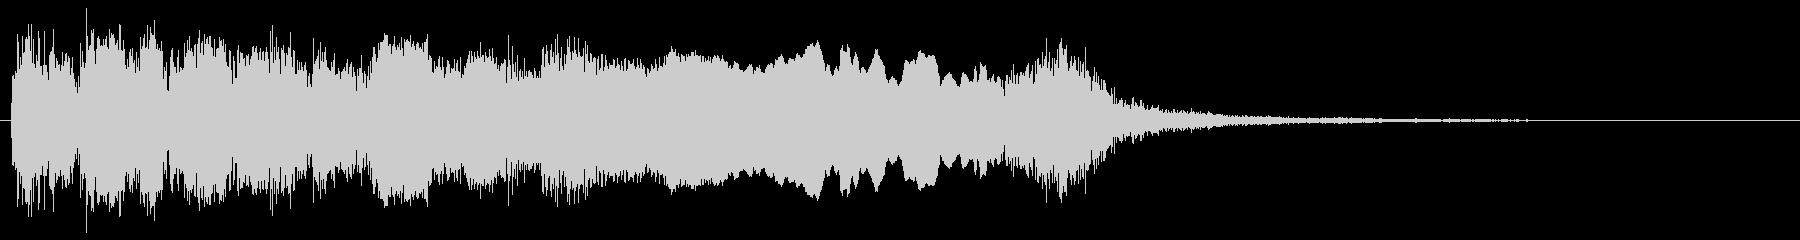 ネオクラシカルなメタルギターフレーズの未再生の波形